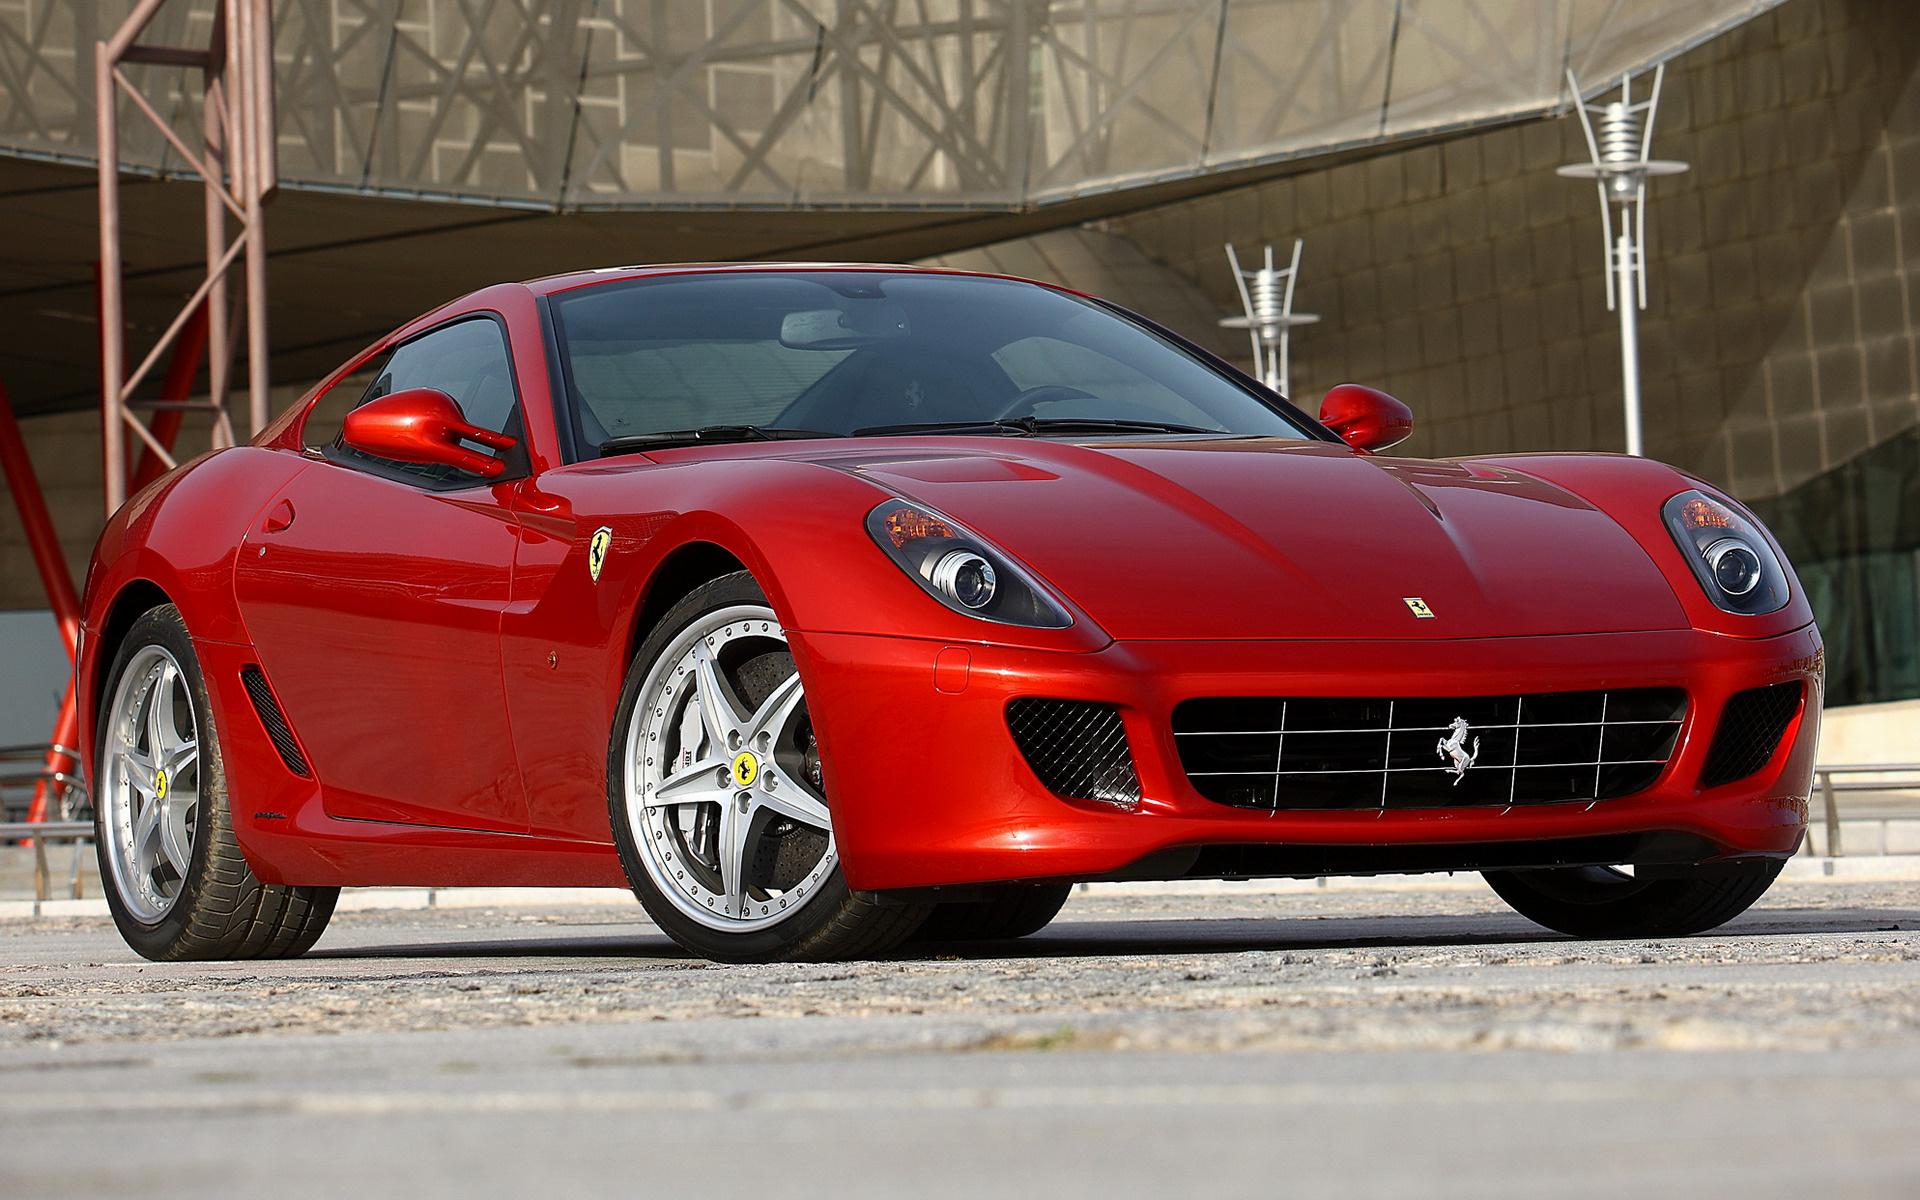 2009 Ferrari 599 Gtb Fiorano Hgte Papeis De Parede E Imagens De Fundo Em Hd Car Pixel